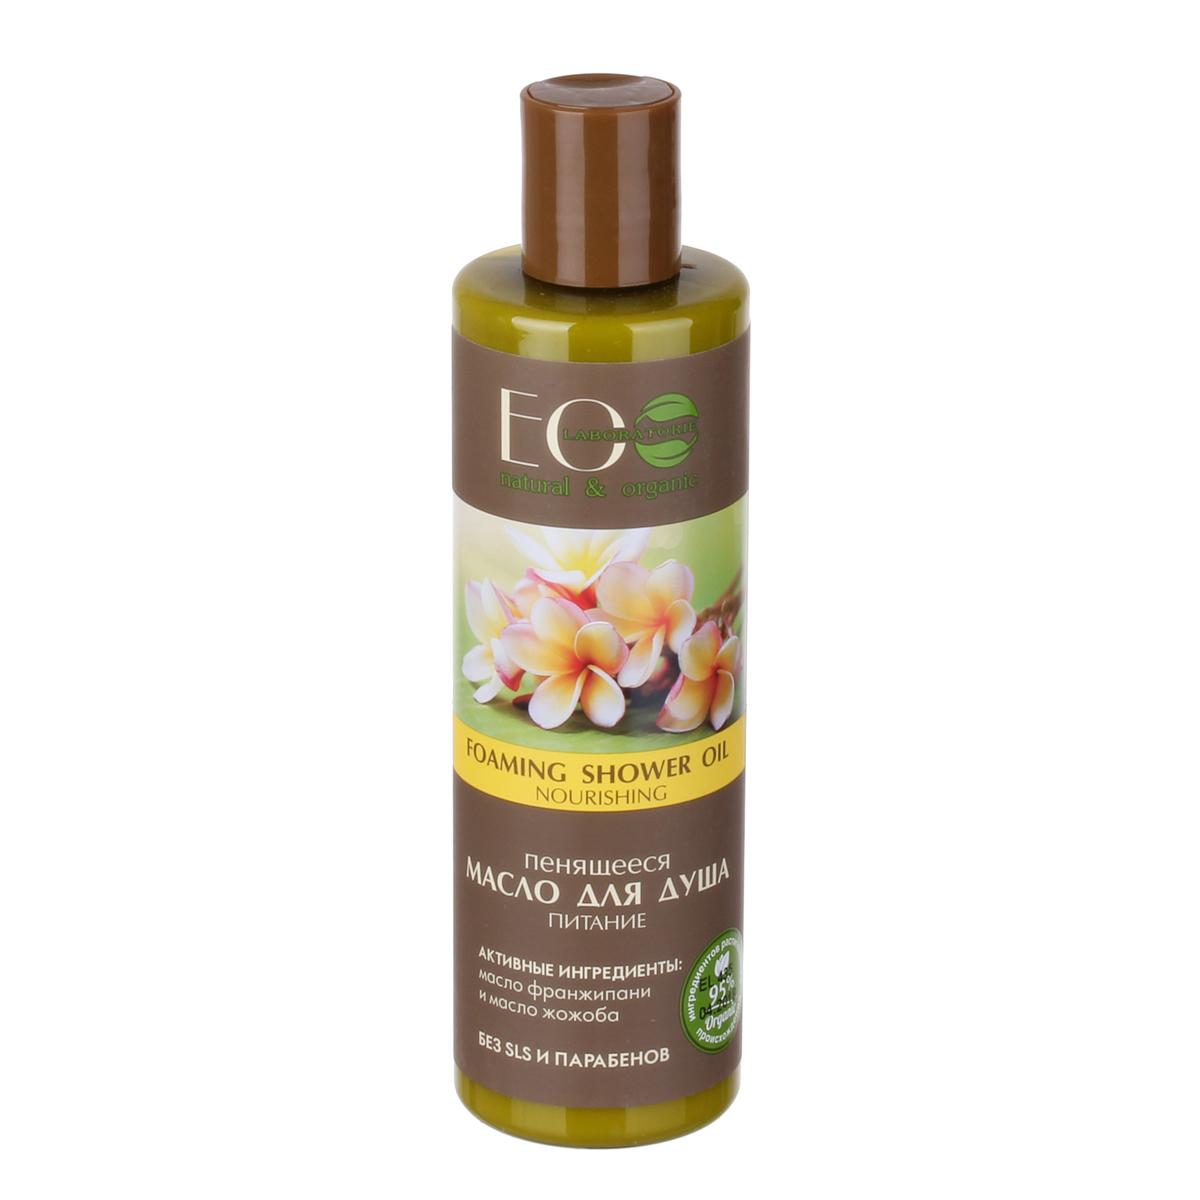 EcoLab ЭкоЛаб Масло пенящееся для душа Питание 250 млFS-00610Нежно очищает кожу, предохраняя от преждевременного старения и увядания. Восстанавливает естественный уровень влаги в коже, делает ее необыкновенно нежной и упругой. Активные ингредиенты: масло франжипани и экстракт иланг-иланга